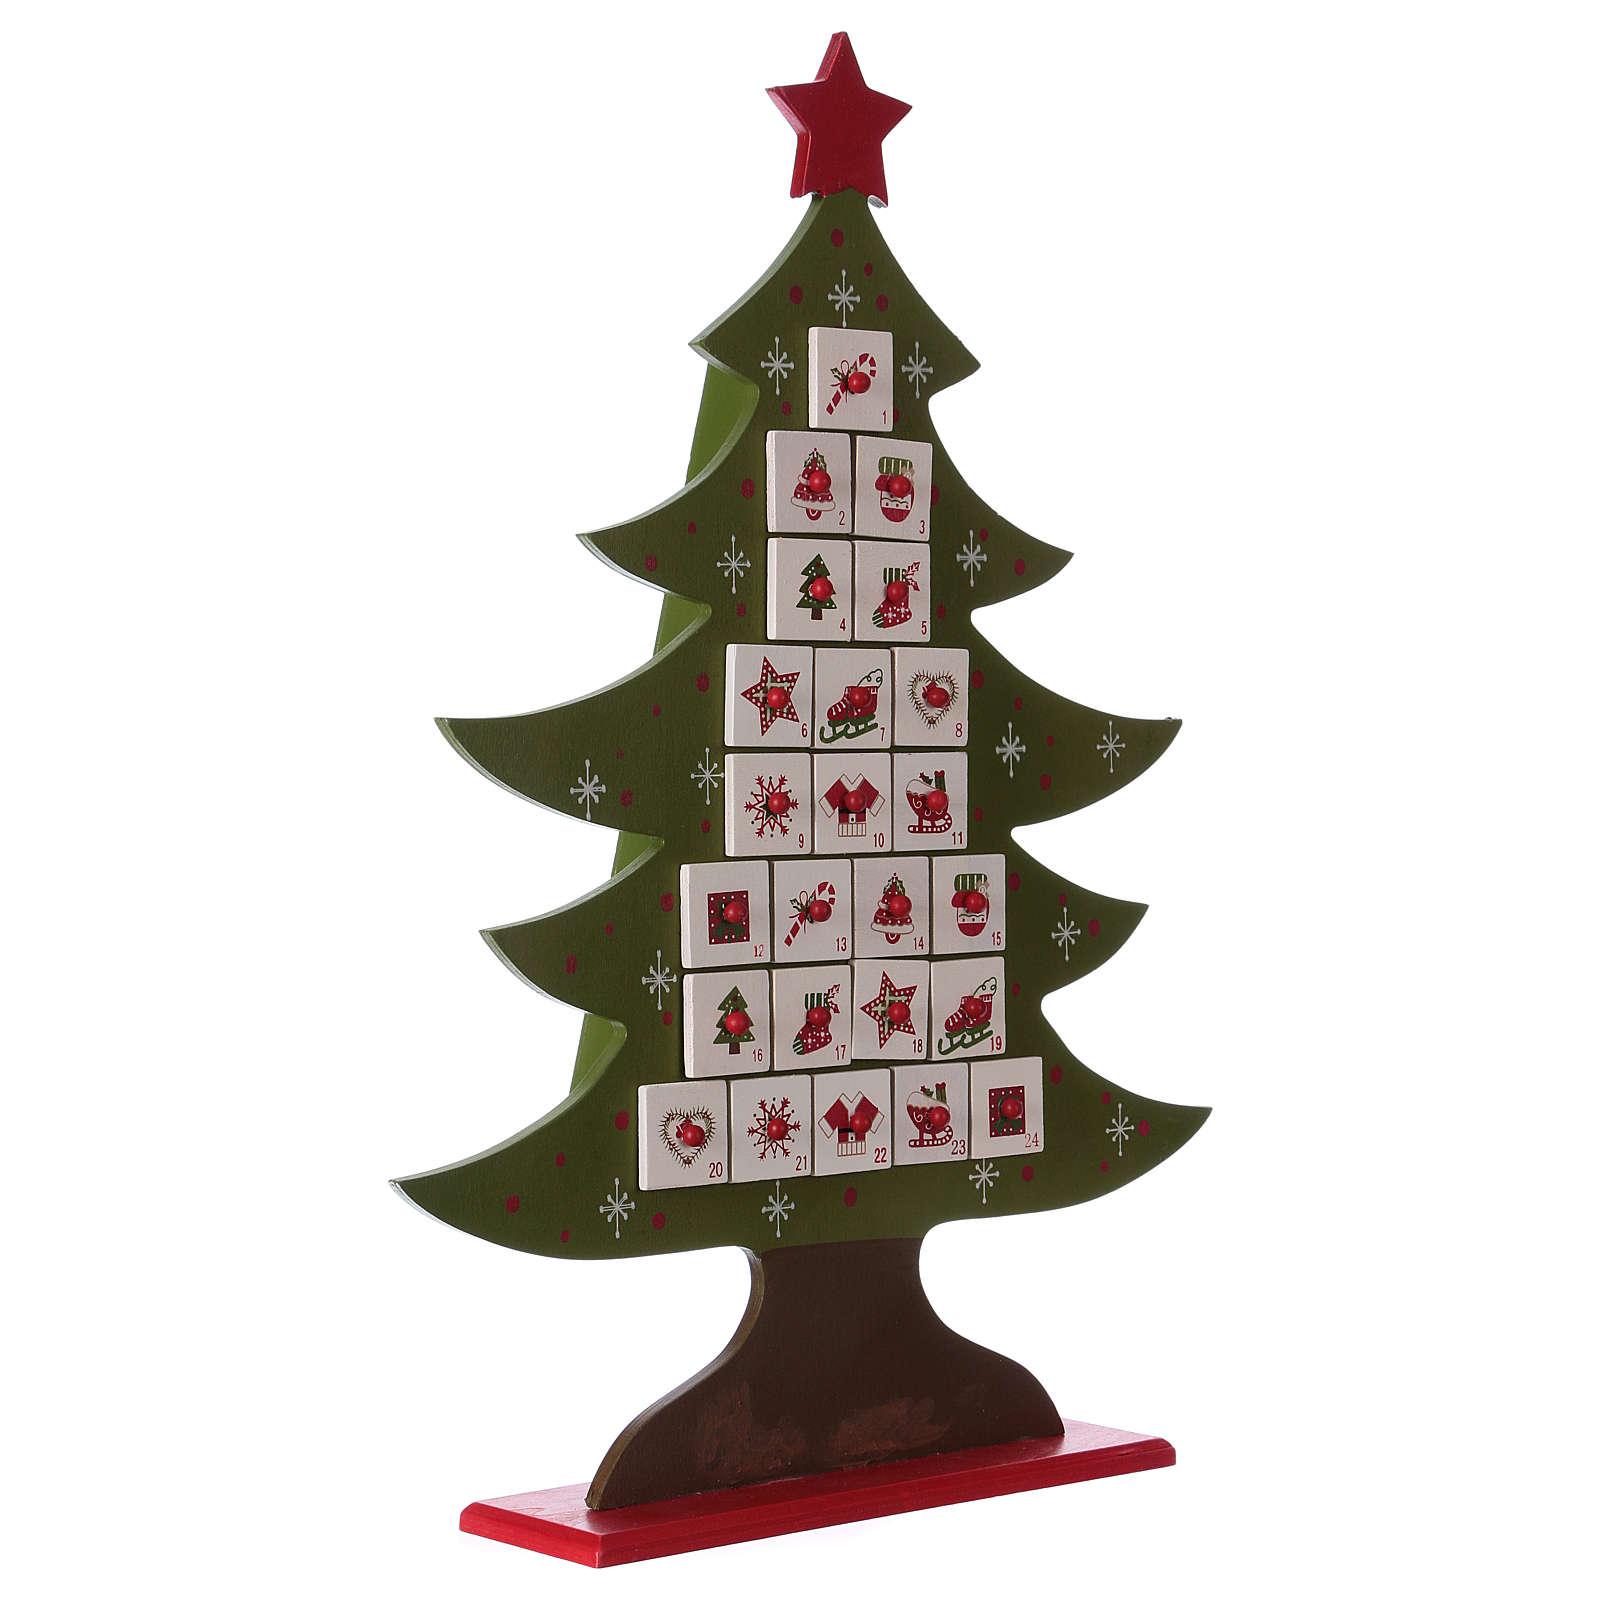 Natale Calendario.Calendario Dell Avvento In Legno A Forma Di Albero Di Natale